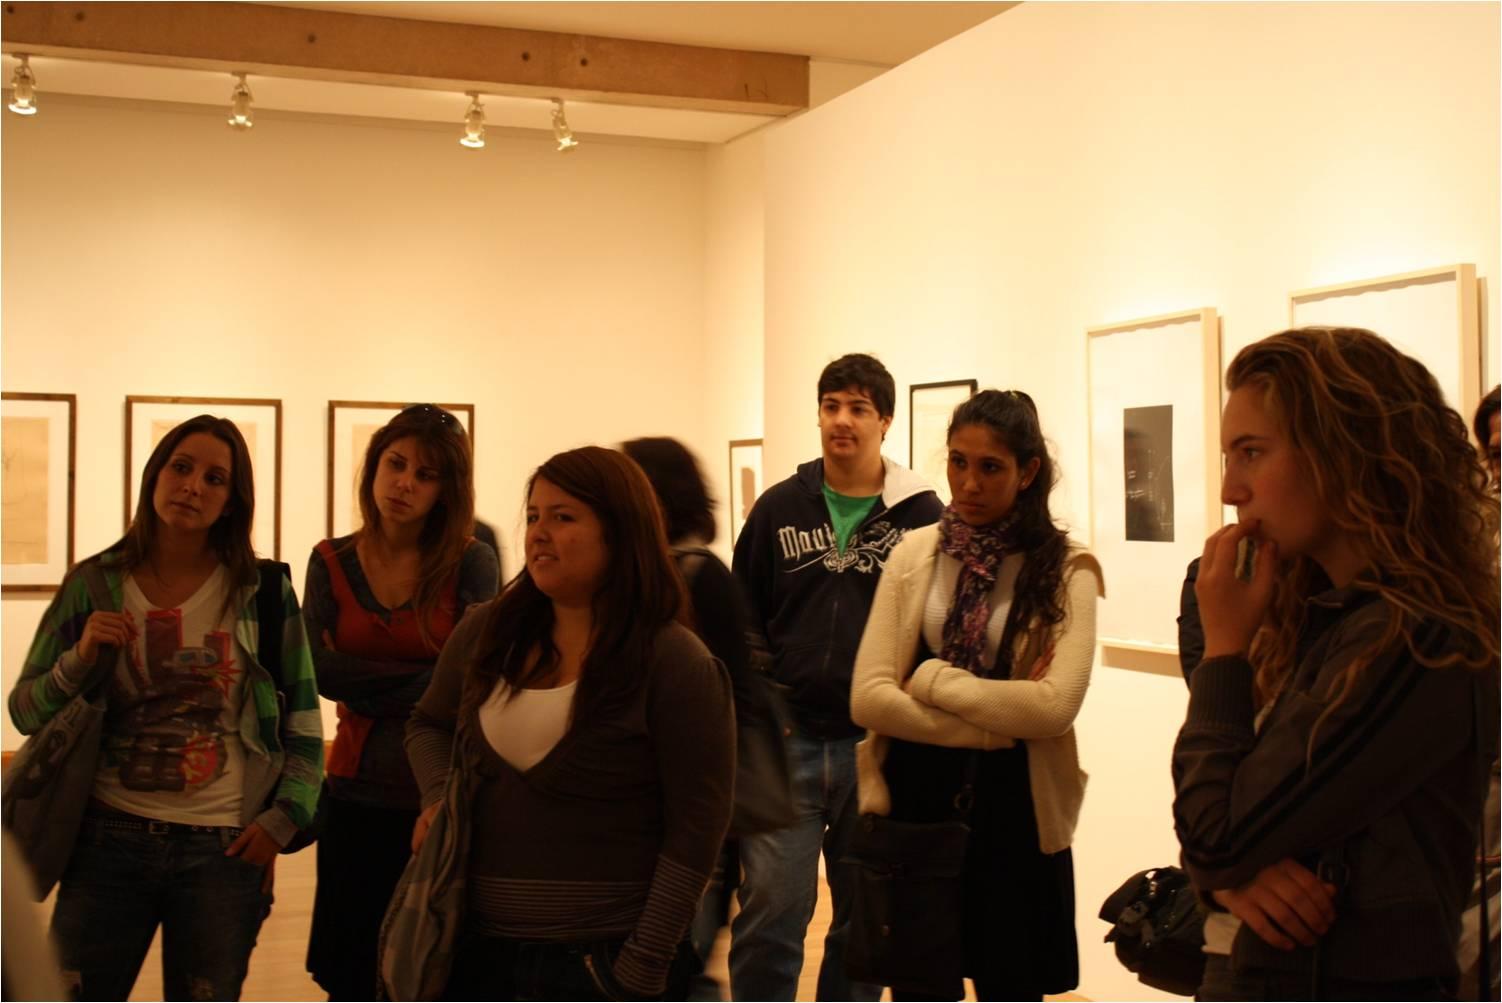 Catalina Lalanne, Victoria Jensen, Pamela Goma, Antonella Castiglinne, Pedro Alvarado y Sofía Vergara.